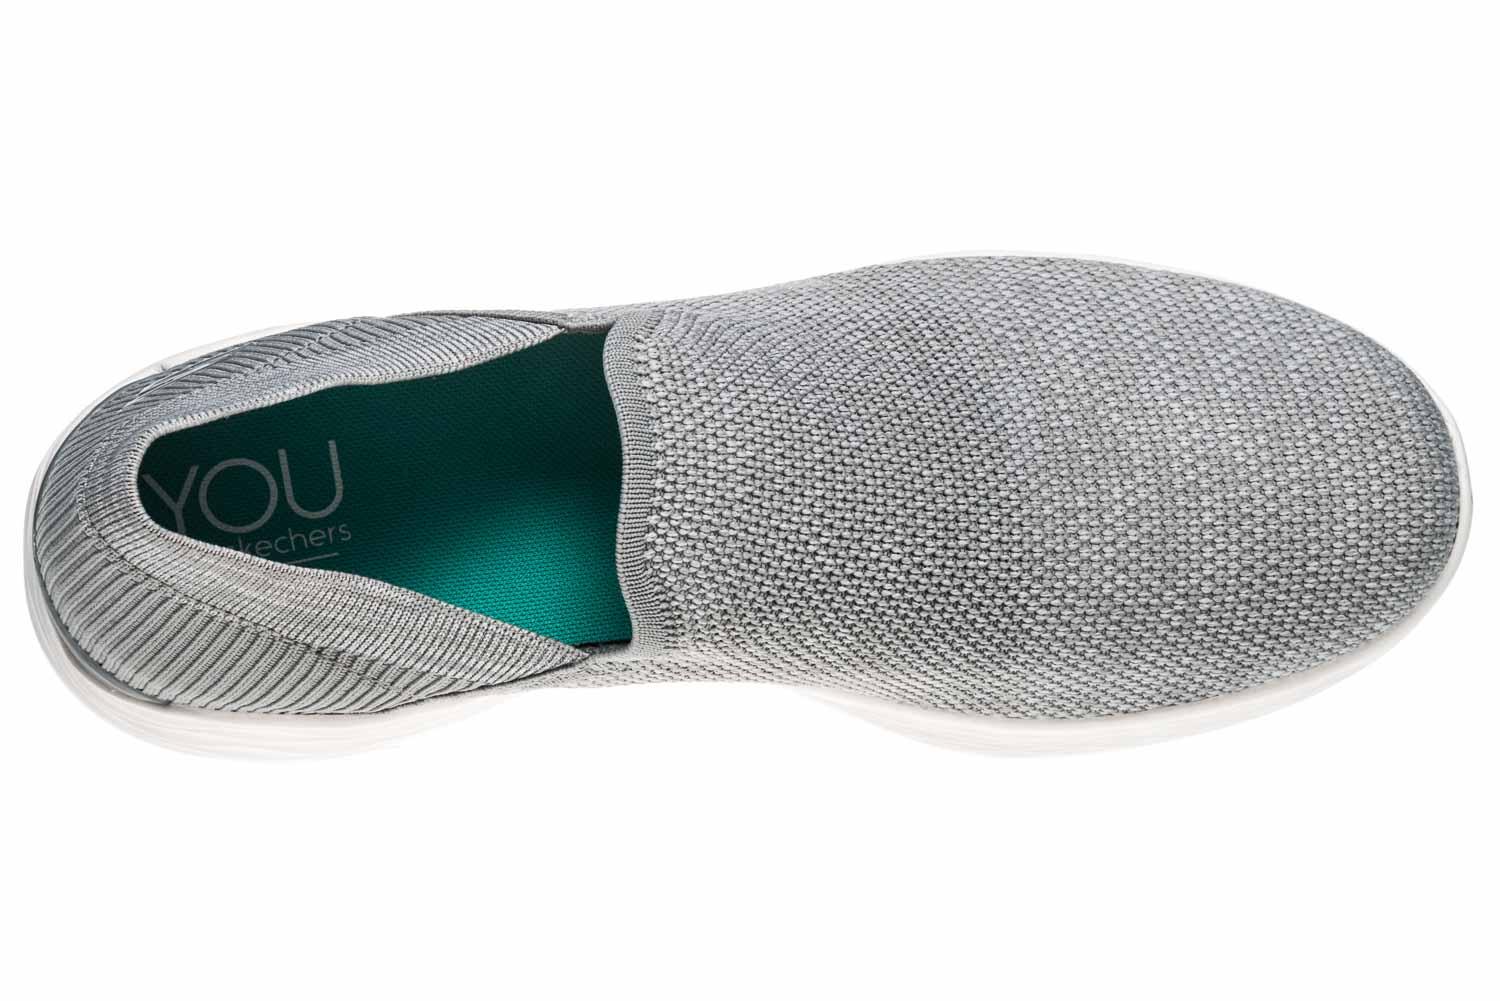 Skechers YOU RISE Sneakers in Übergrößen Grau 14958/GRY große Damenschuhe – Bild 7